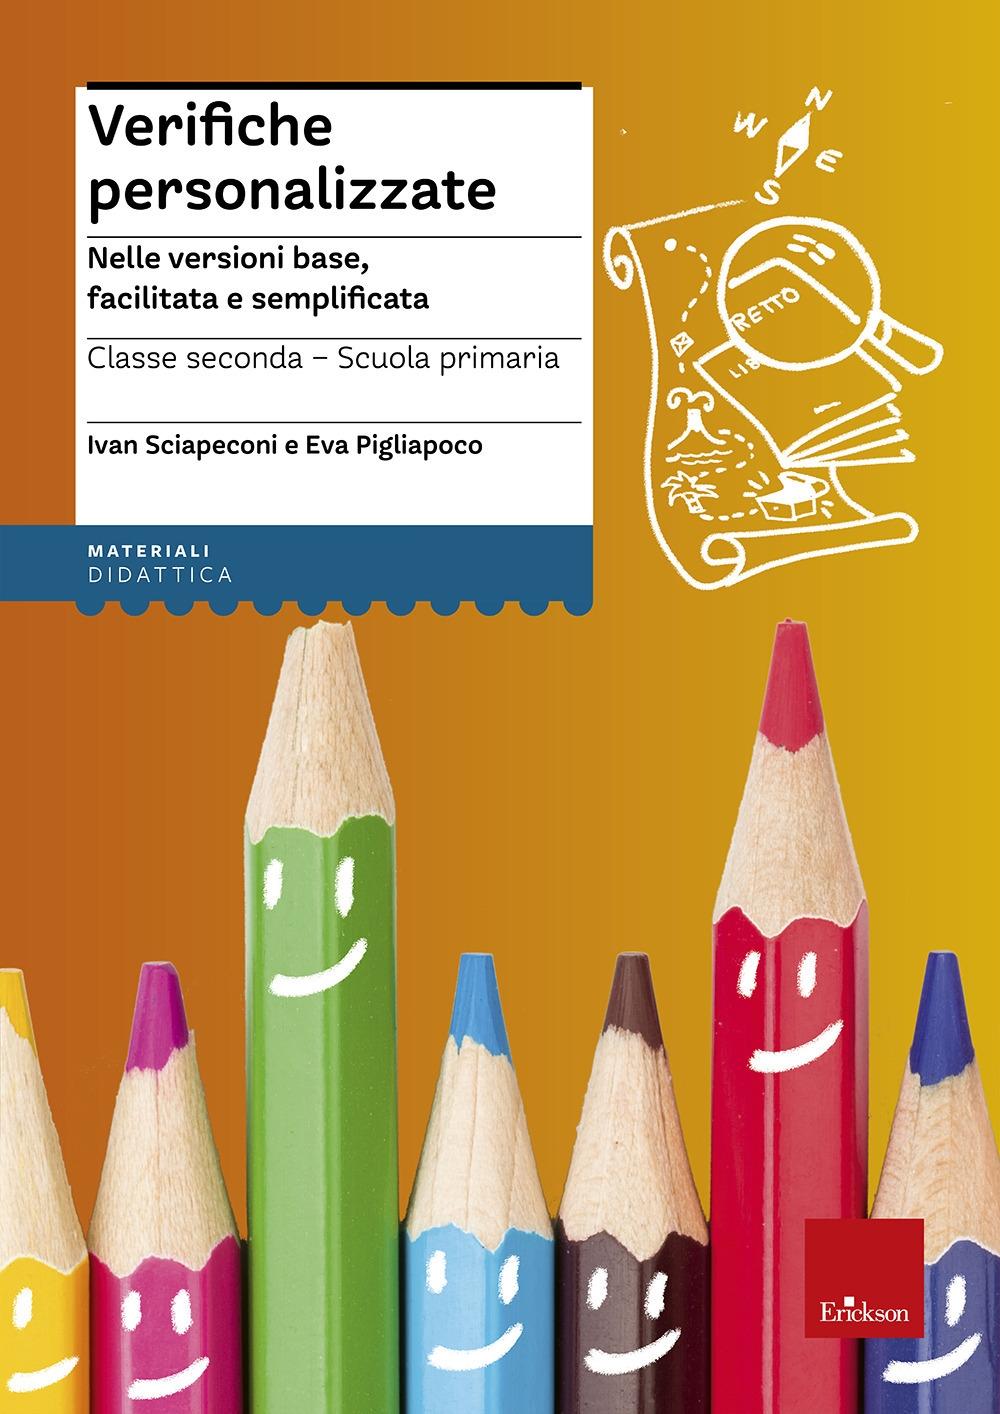 Verifiche personalizzate. Nelle versioni base, facilitata e semplificata. Classe 2ª della scuola primaria